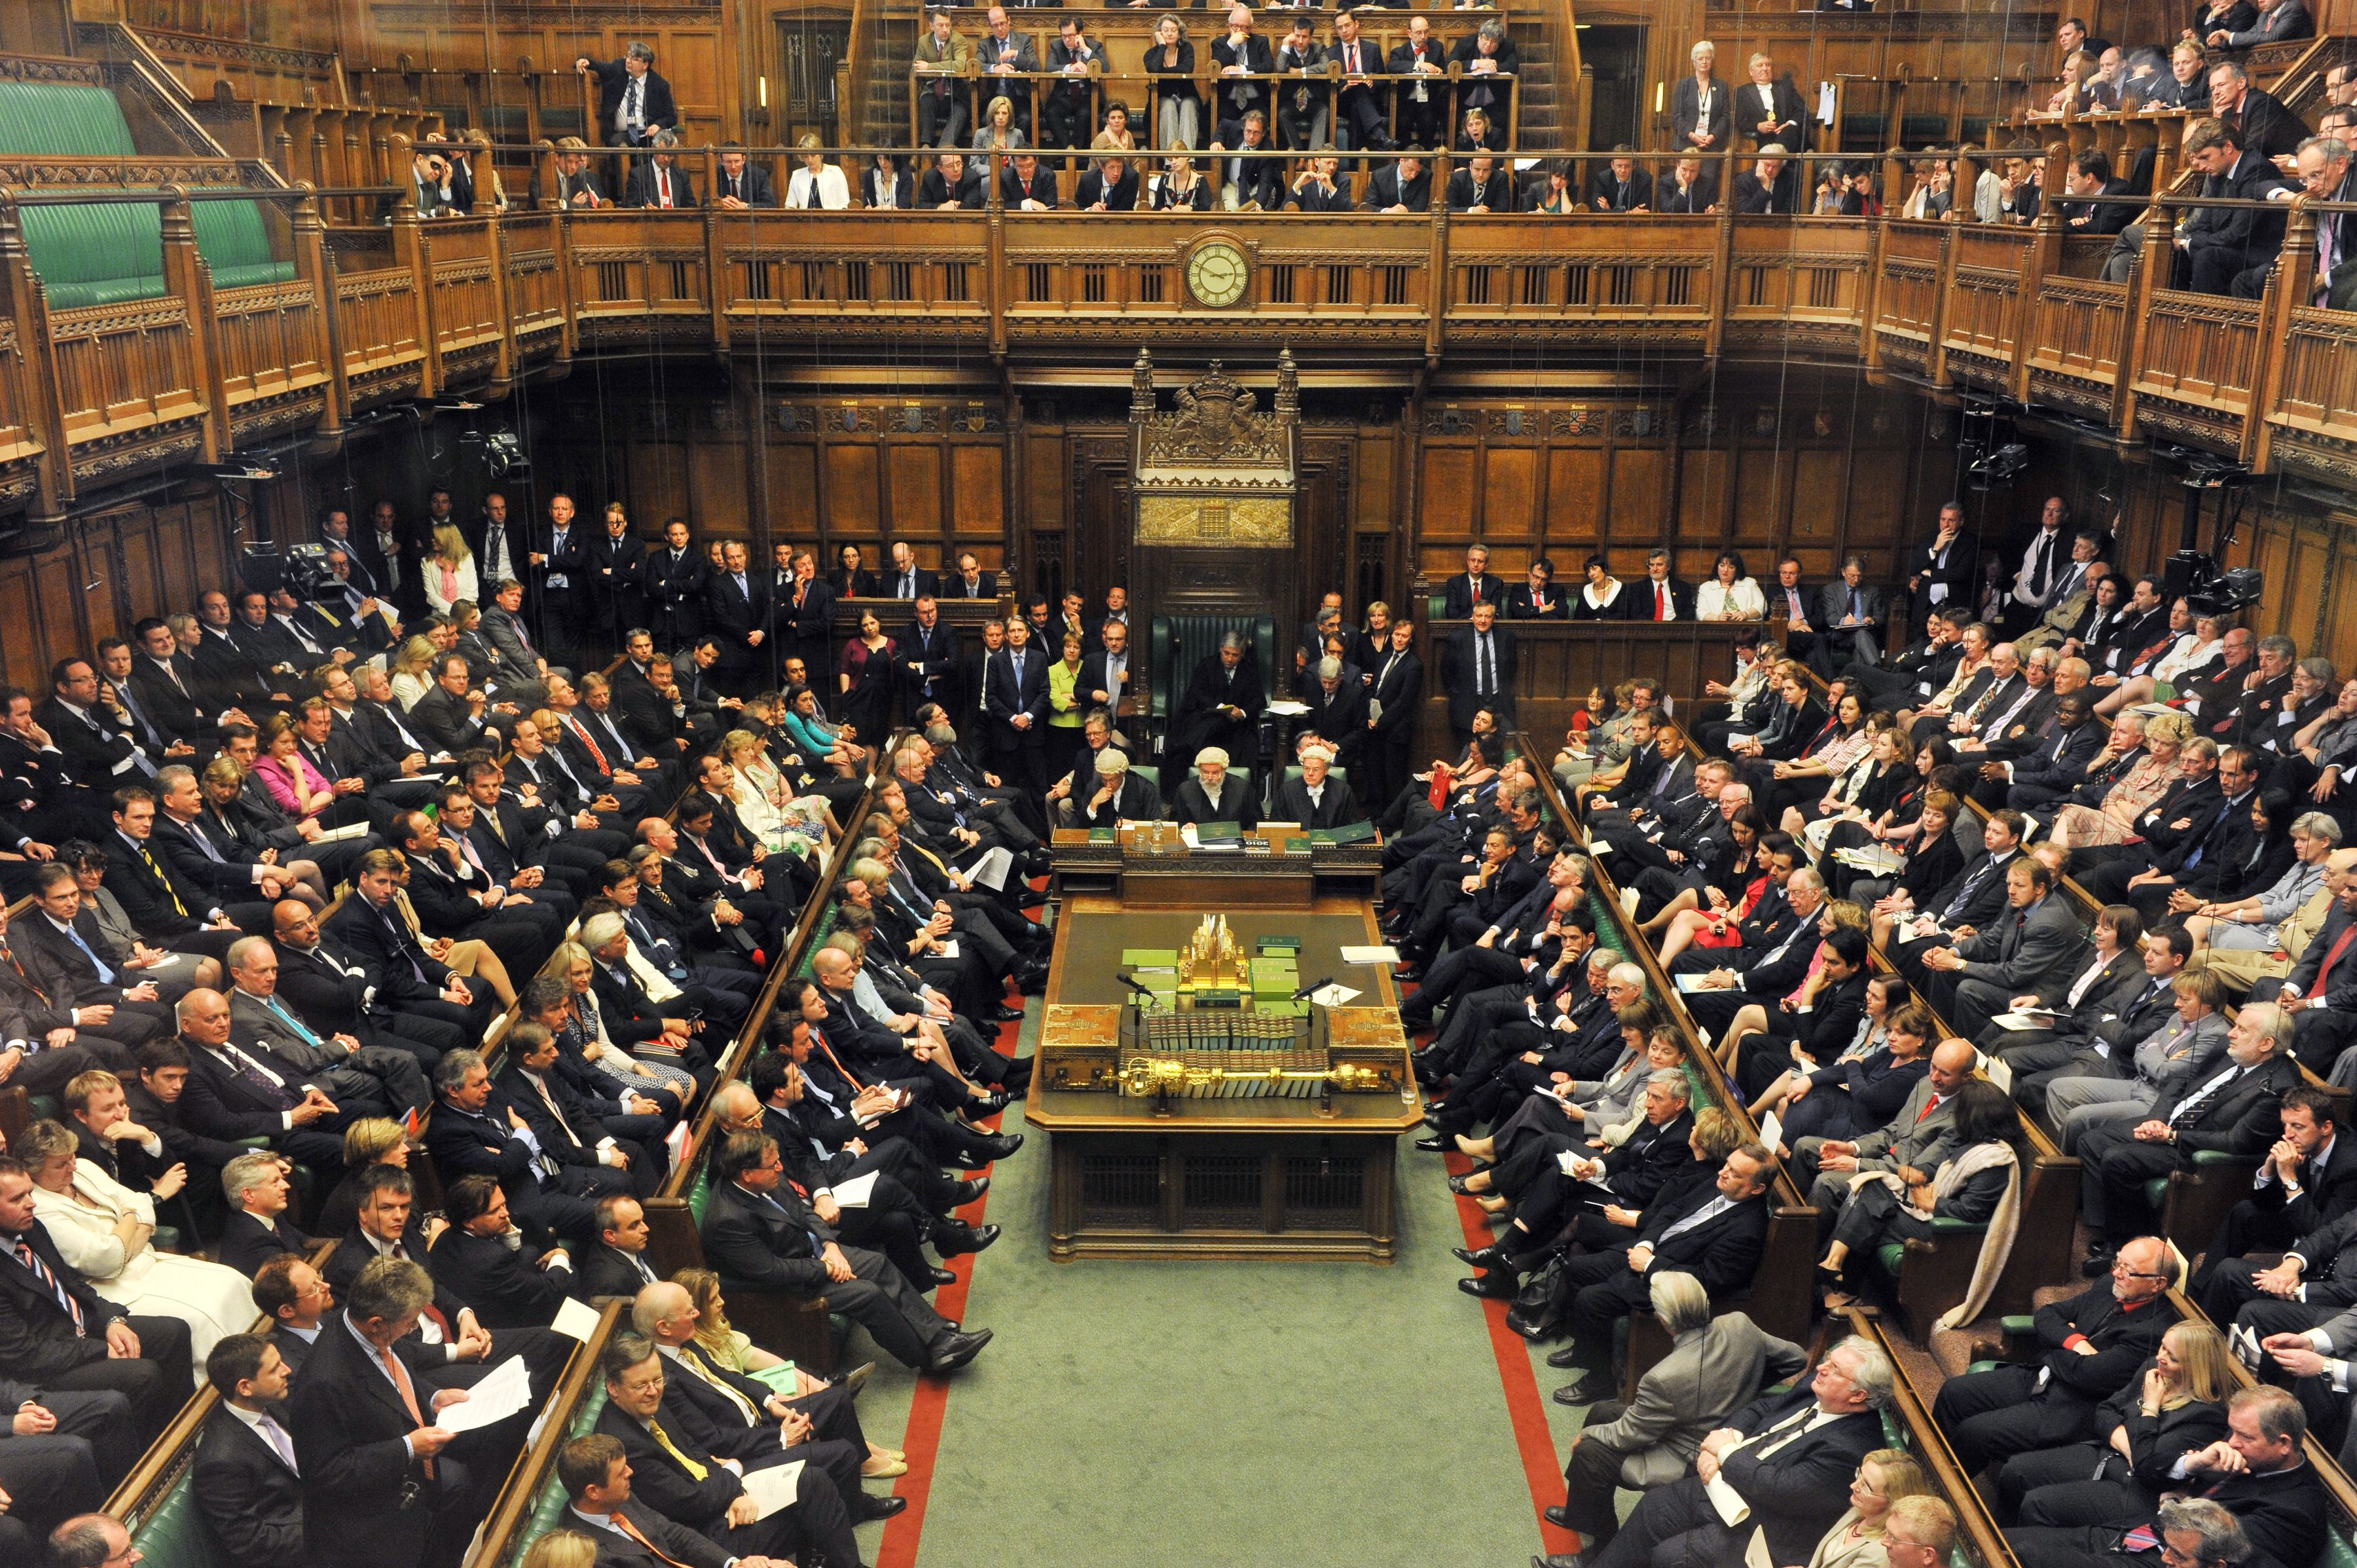 【陳述恩觀點】看看脫歐的英國議會,想想脫序的臺灣立院